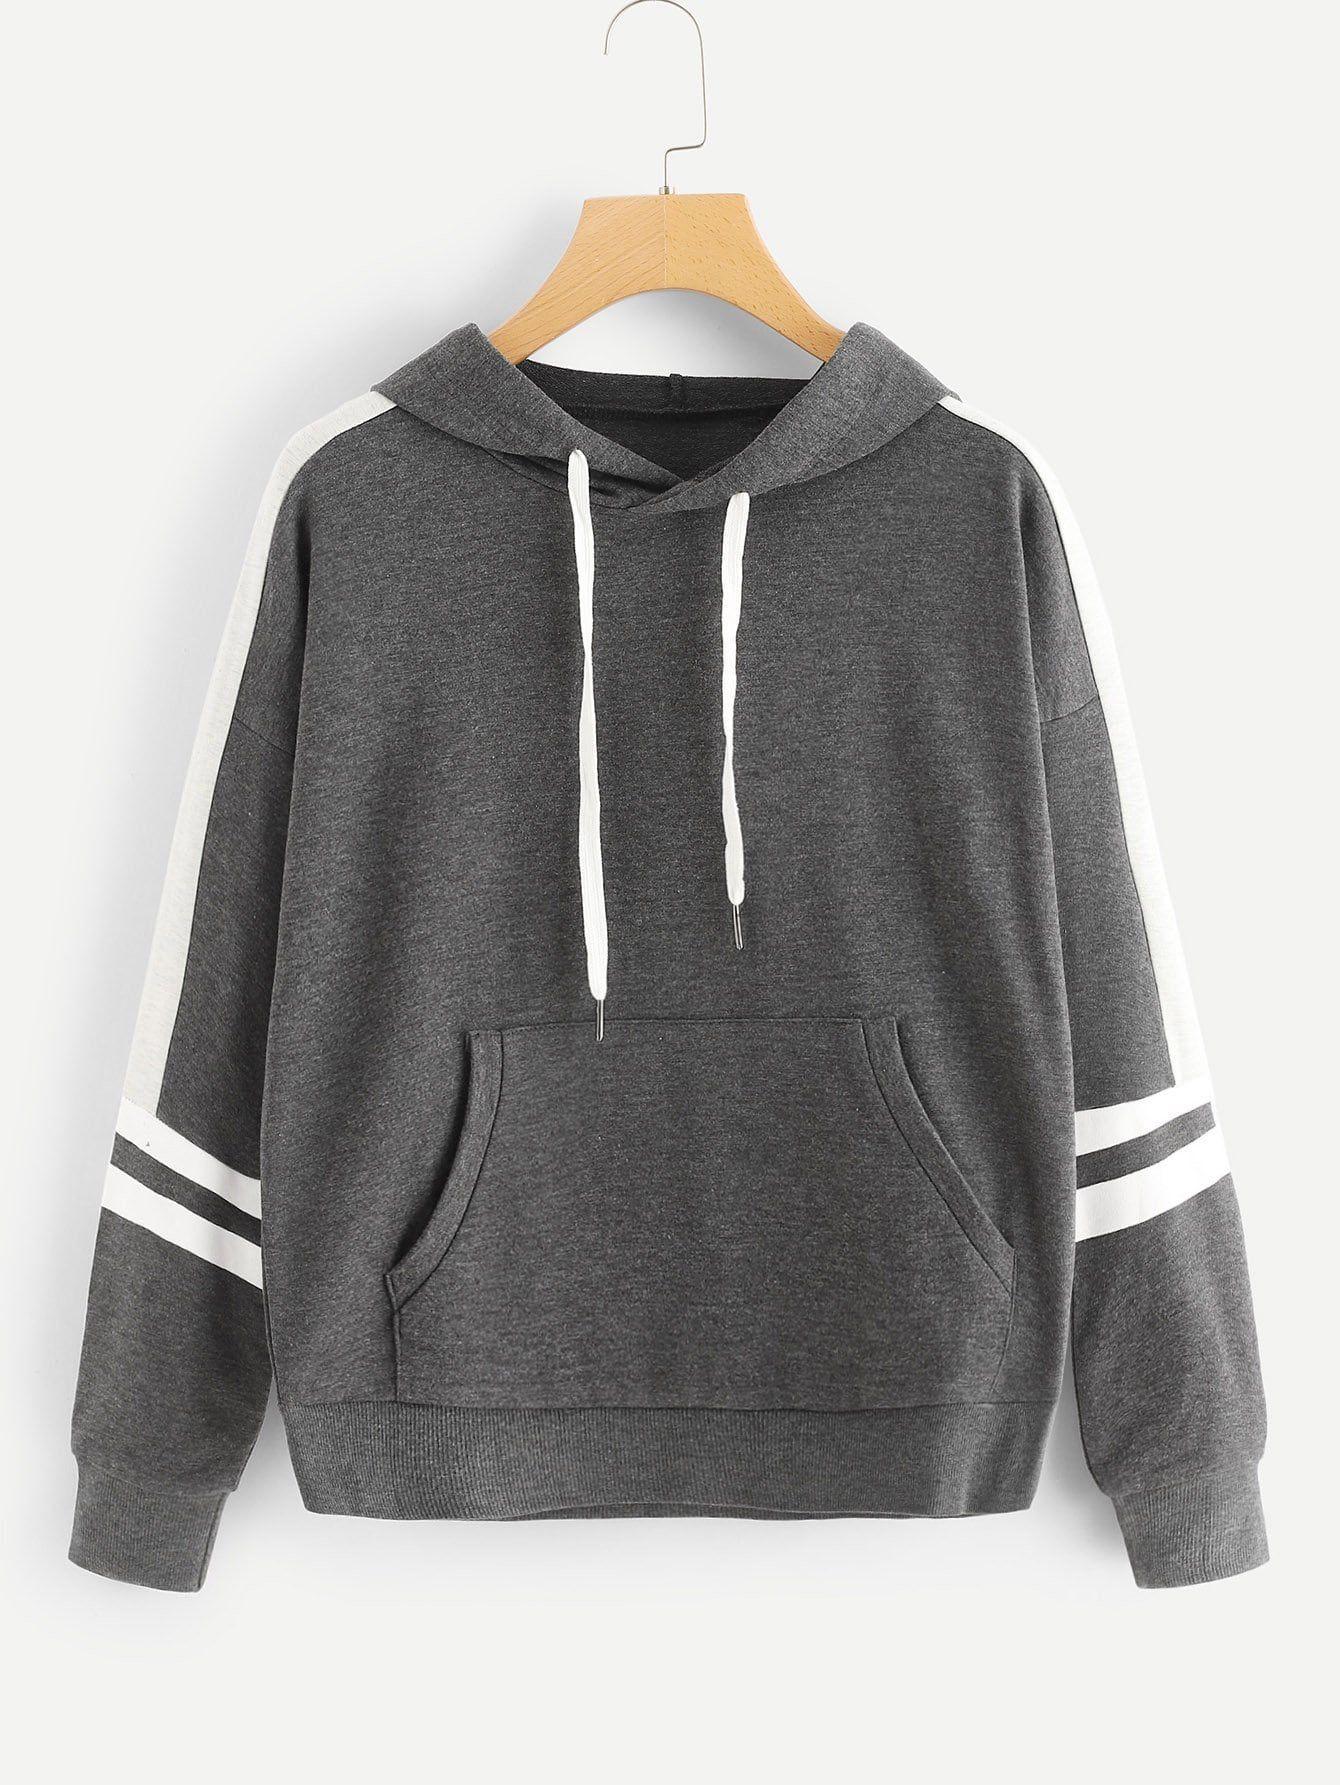 كنزة من النوع الثقيل مع جيب مع خطوط جانبية قد اشتريت منتج رائع من موقع شي إن أرغب في أن أوصيكم بشرائه تجنن وع Sweatshirts Drawstring Hoodie Sweatshirts Hoodie